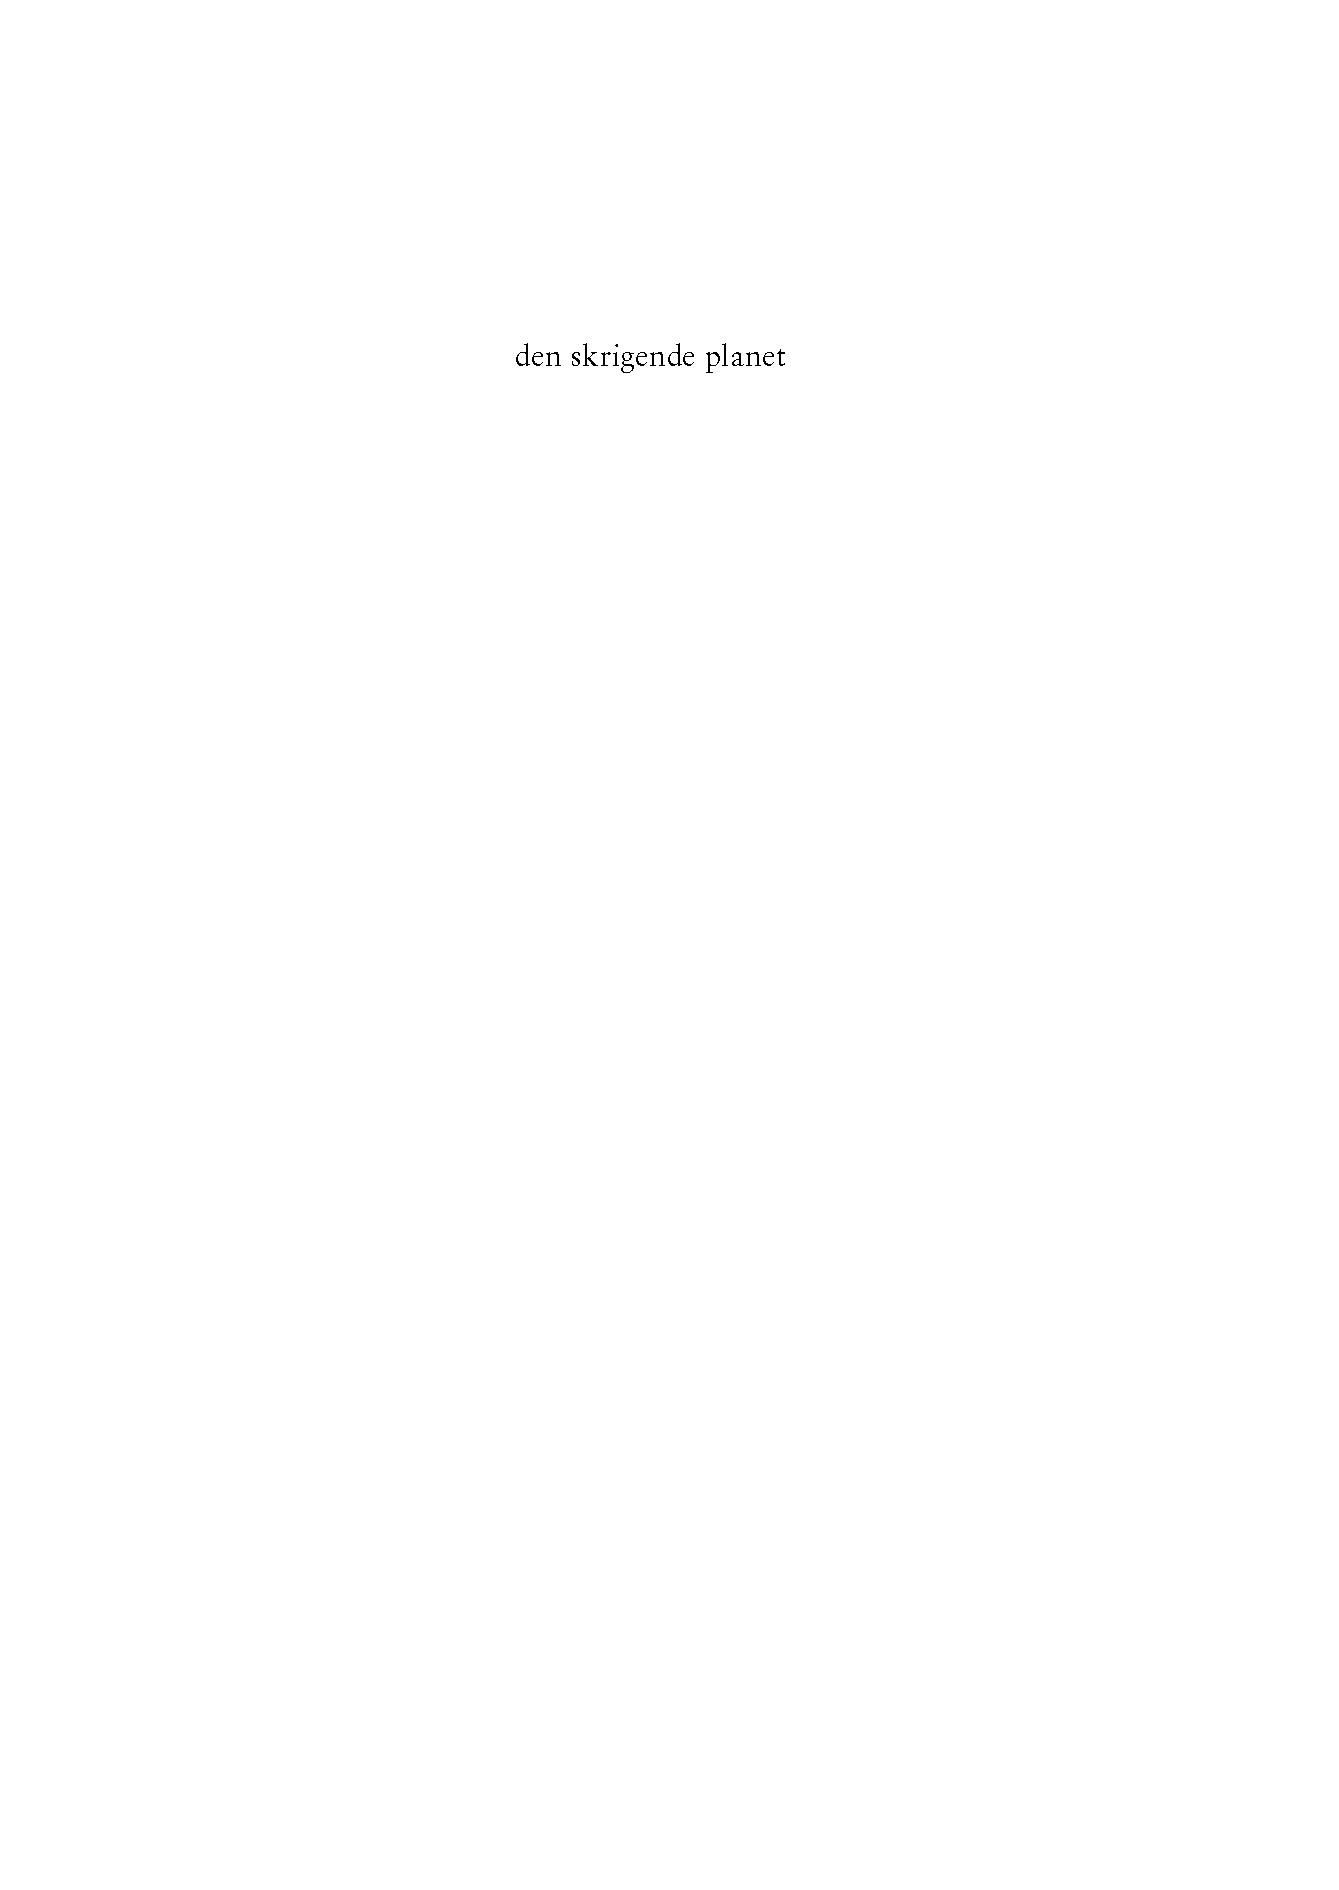 Nye mytologier_Ekko-autor_WEB_Side_39